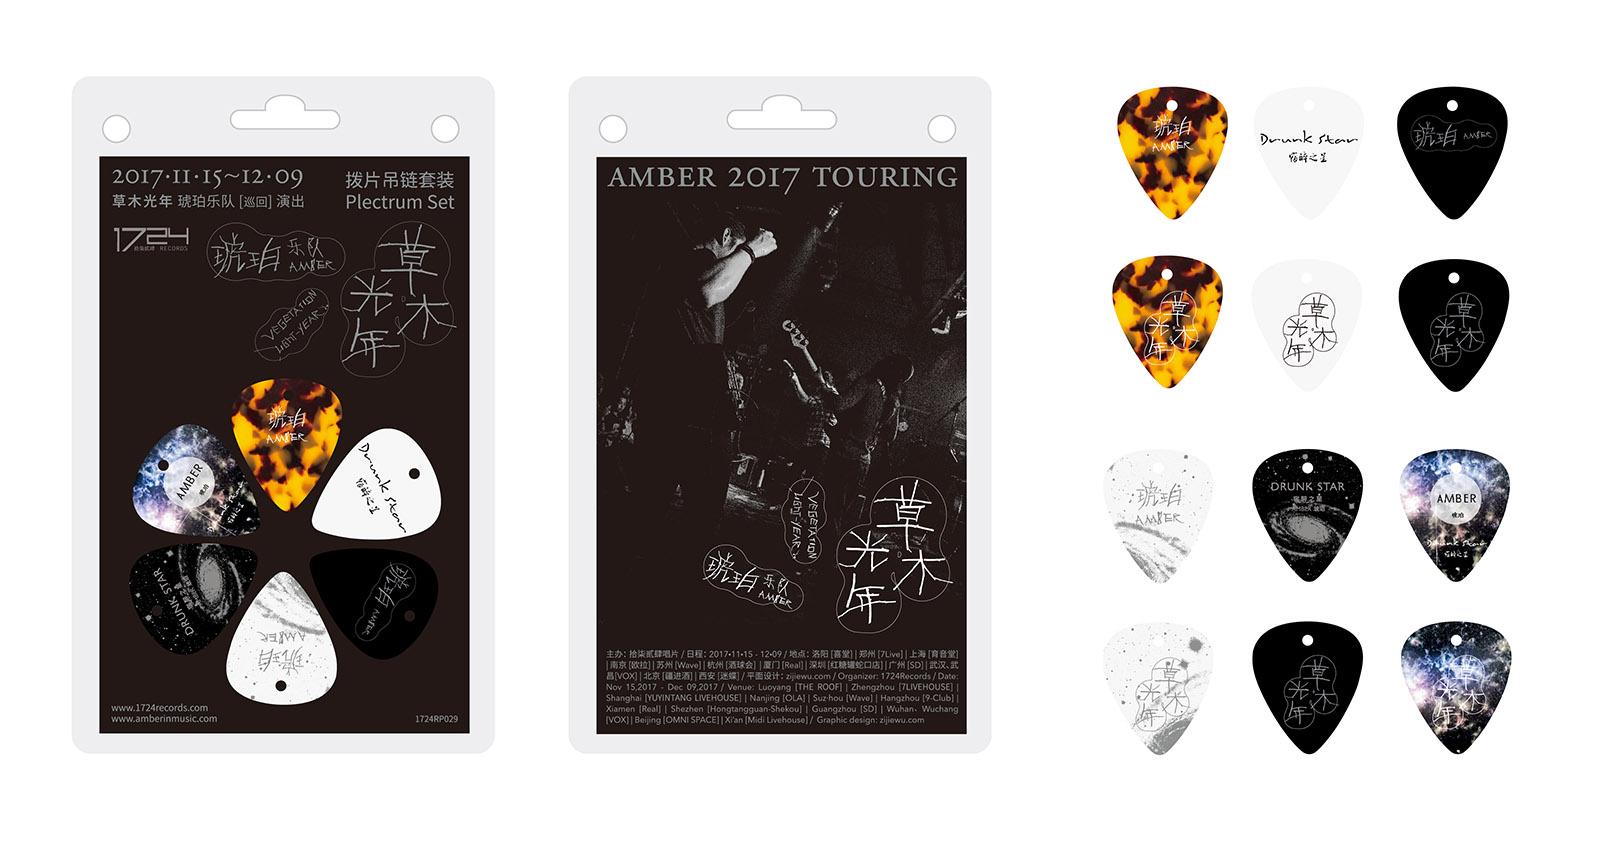 预览图——琥珀草木光年巡演拨片吊链套装,1724R029 设计/摄影:伍子杰